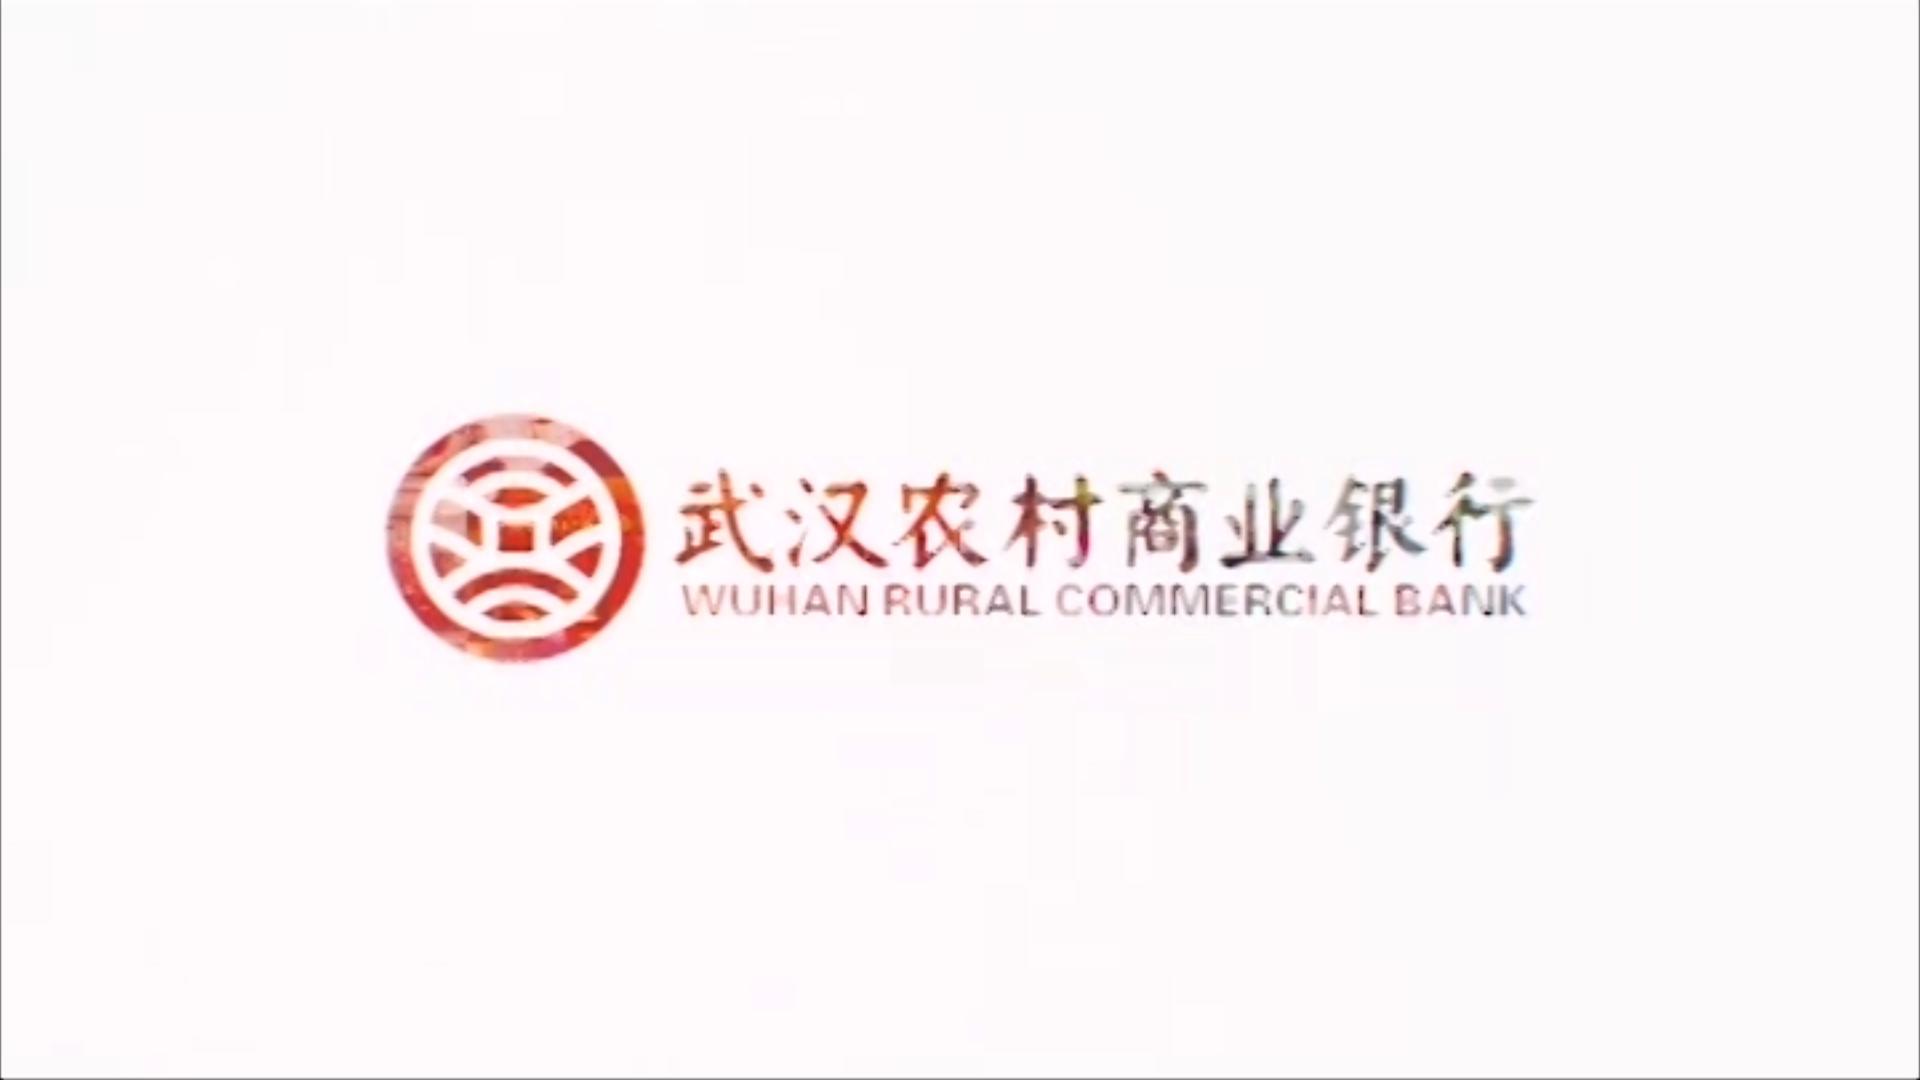 武汉商业银行_武汉农村商业银行马鹦路支行4.3日